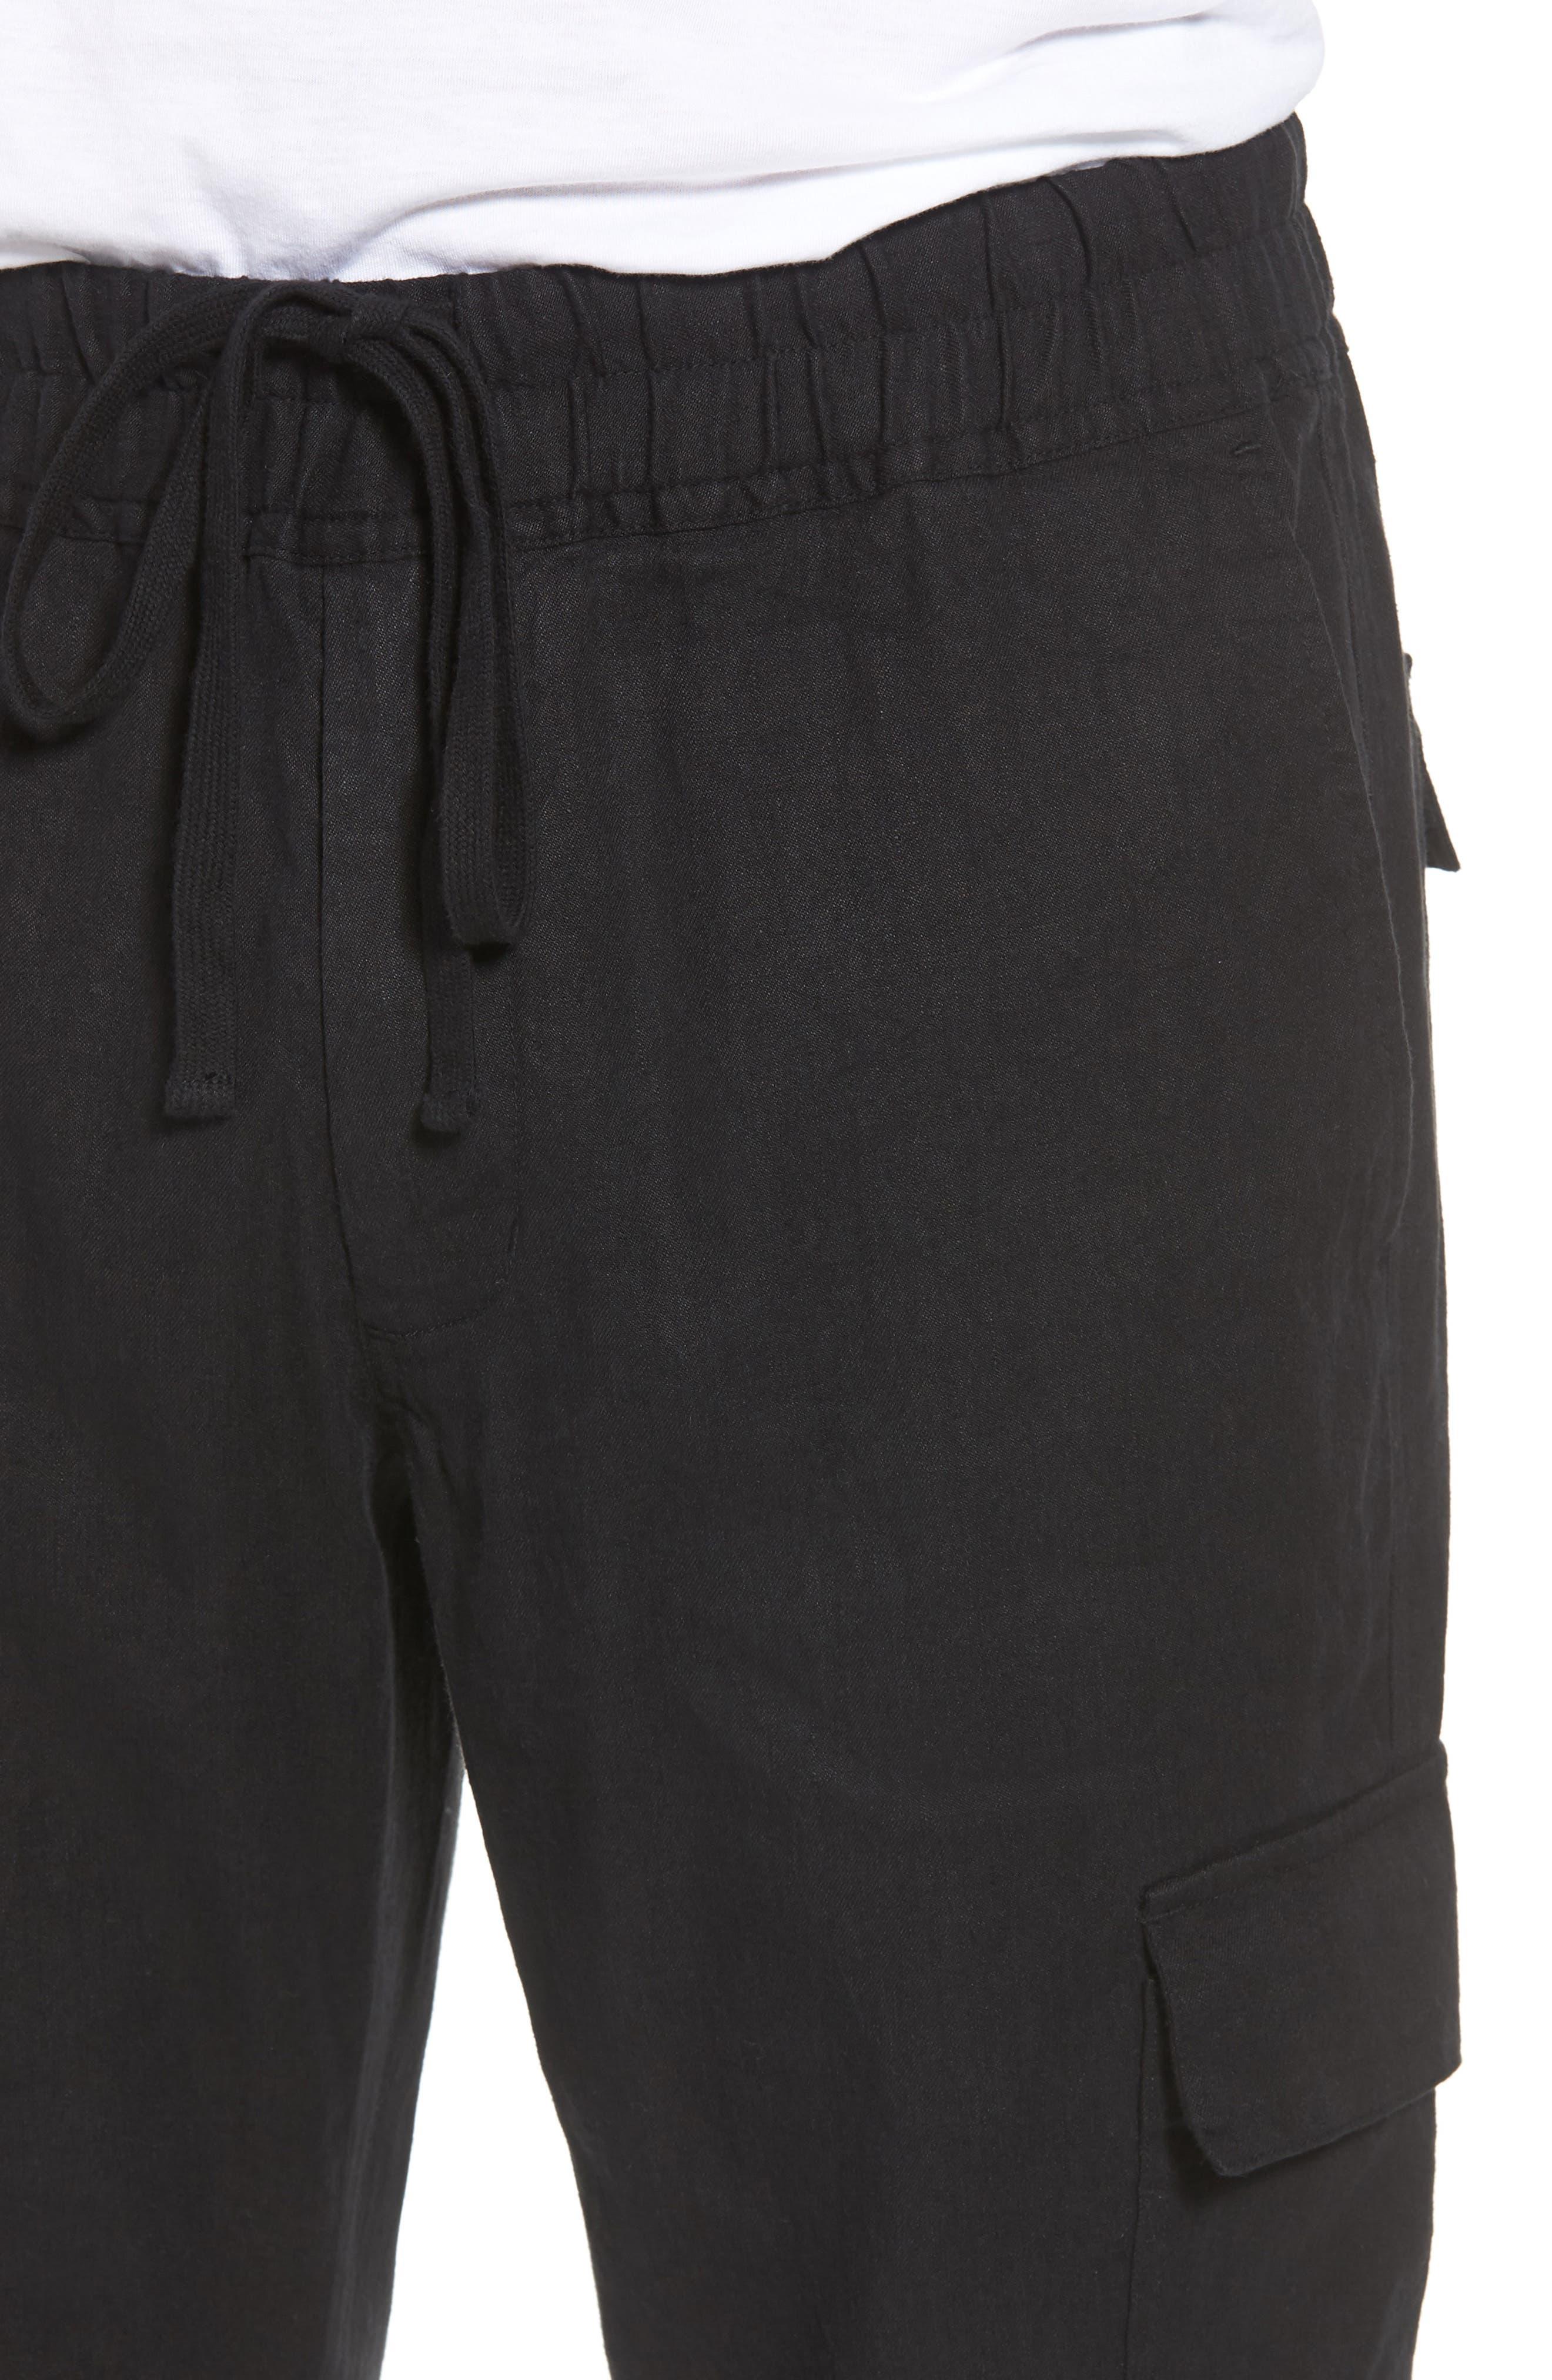 Stretch Linen & Cotton Cargo Pants,                             Alternate thumbnail 4, color,                             Black